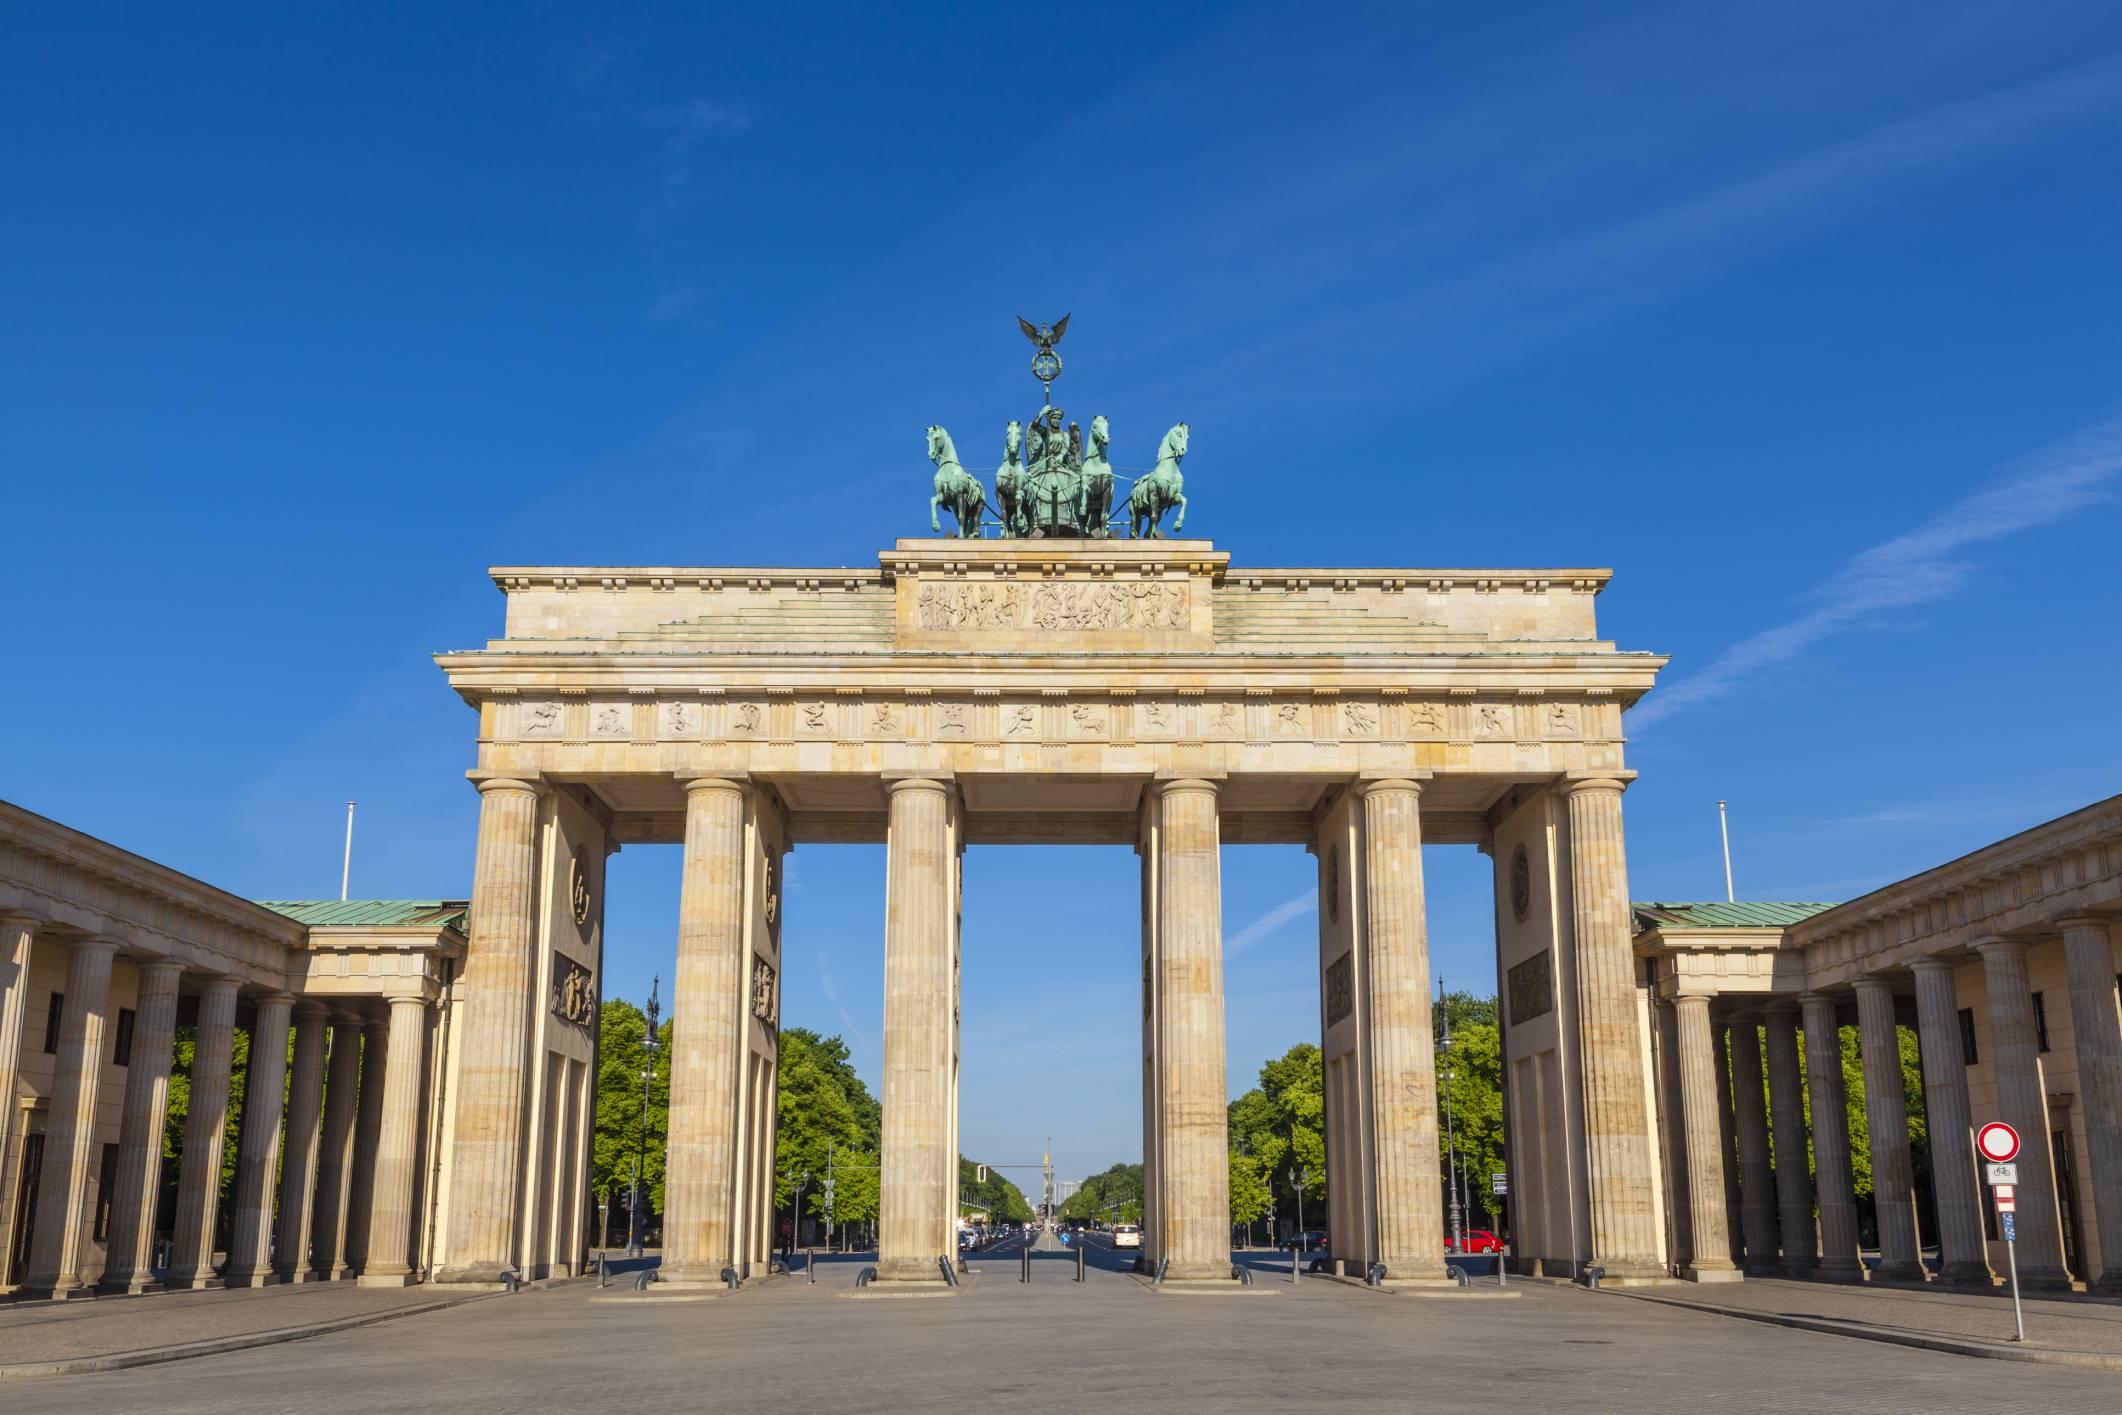 Топ 20 — достопримечательности берлина (германия) - фото, описание, что посмотреть в берлине